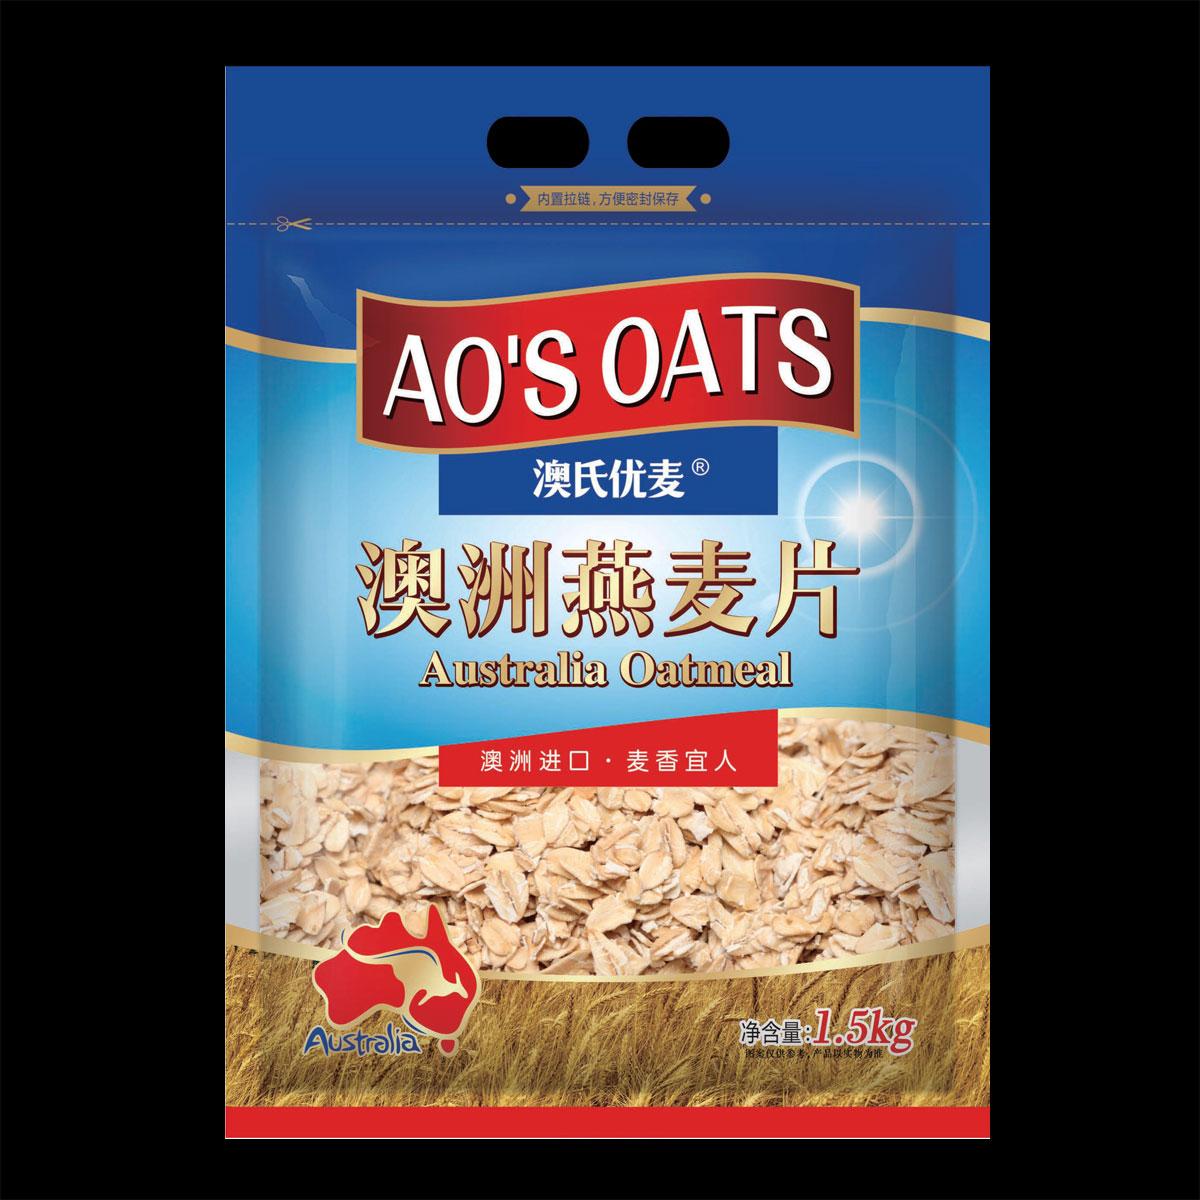 澳洲燕麥片( 原味)1500g袋裝